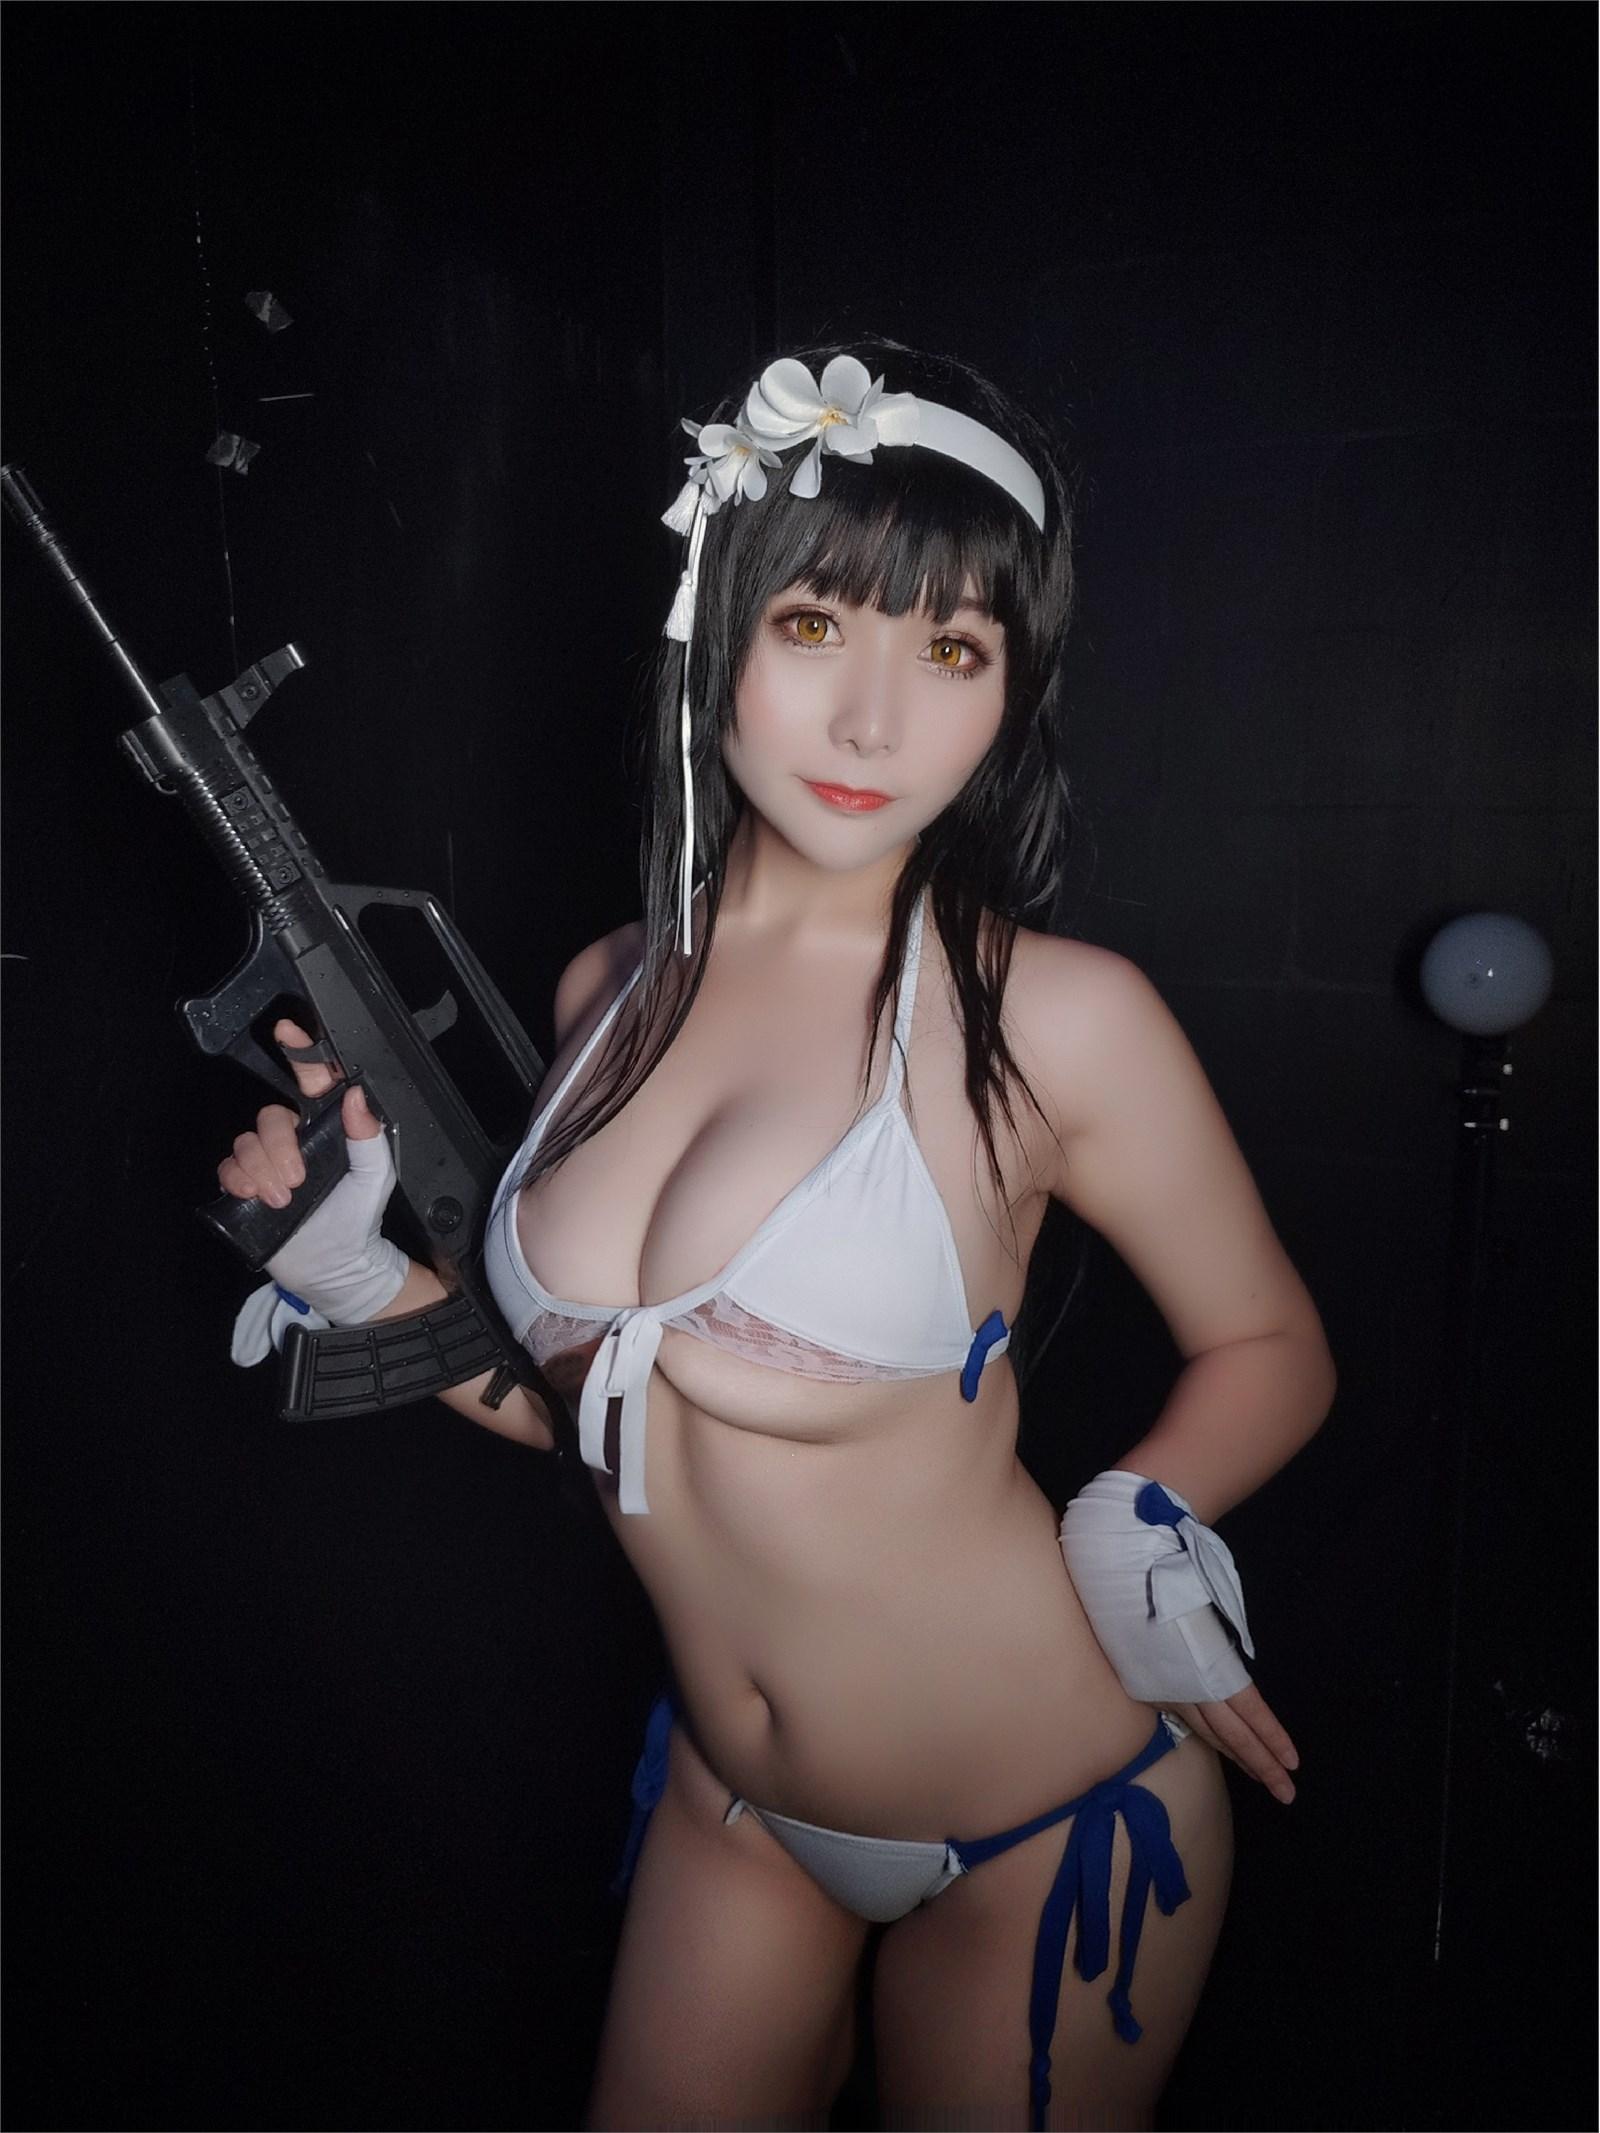 cosplay 三刀刀Miido图包 – 95夏鸣蝉(24P)